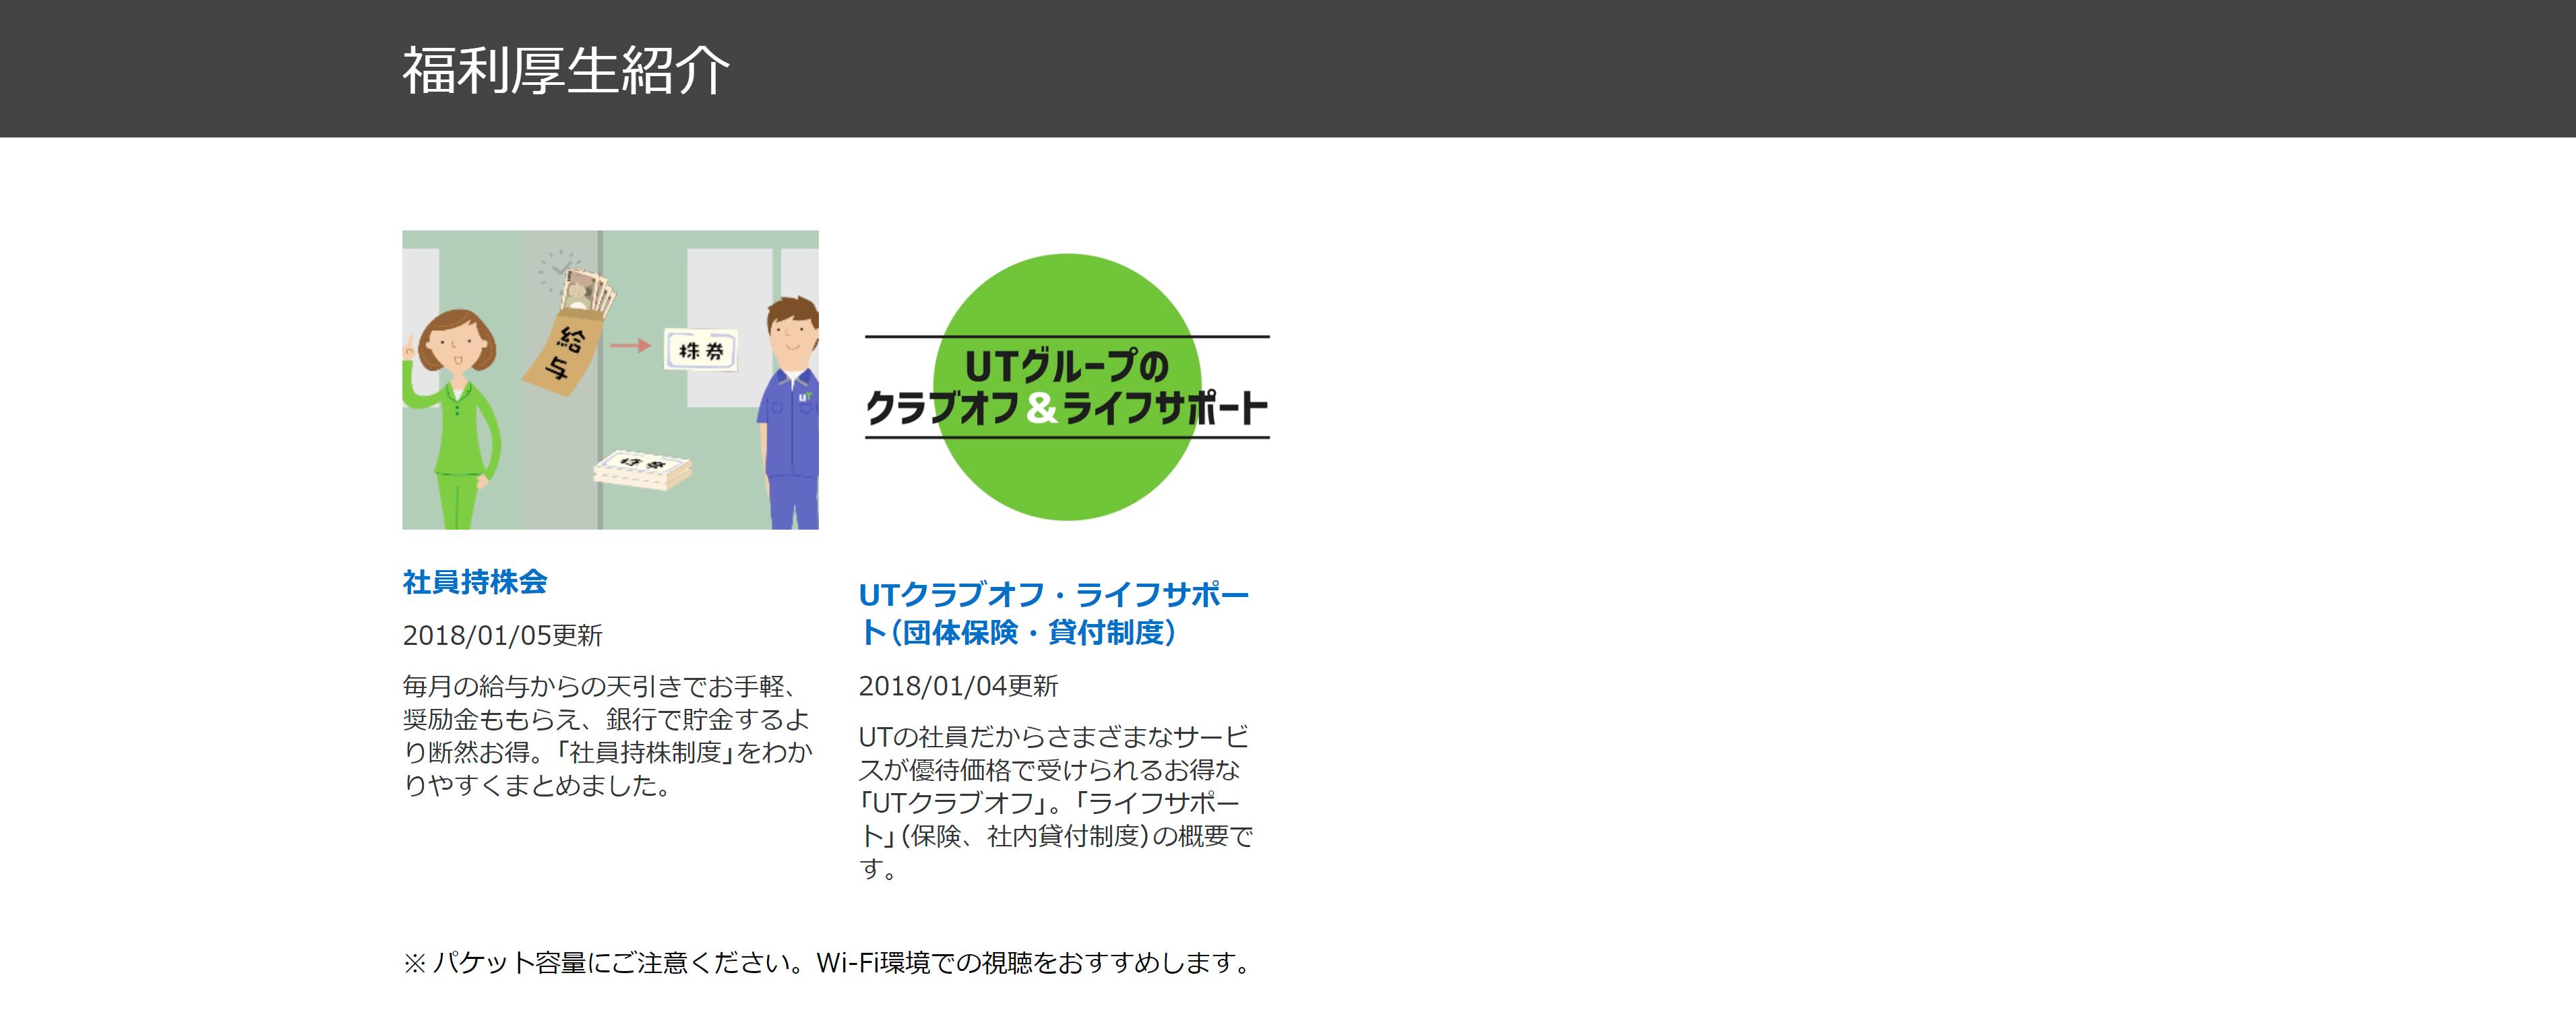 UTグループ Web社内報の人気コンテンツ3位